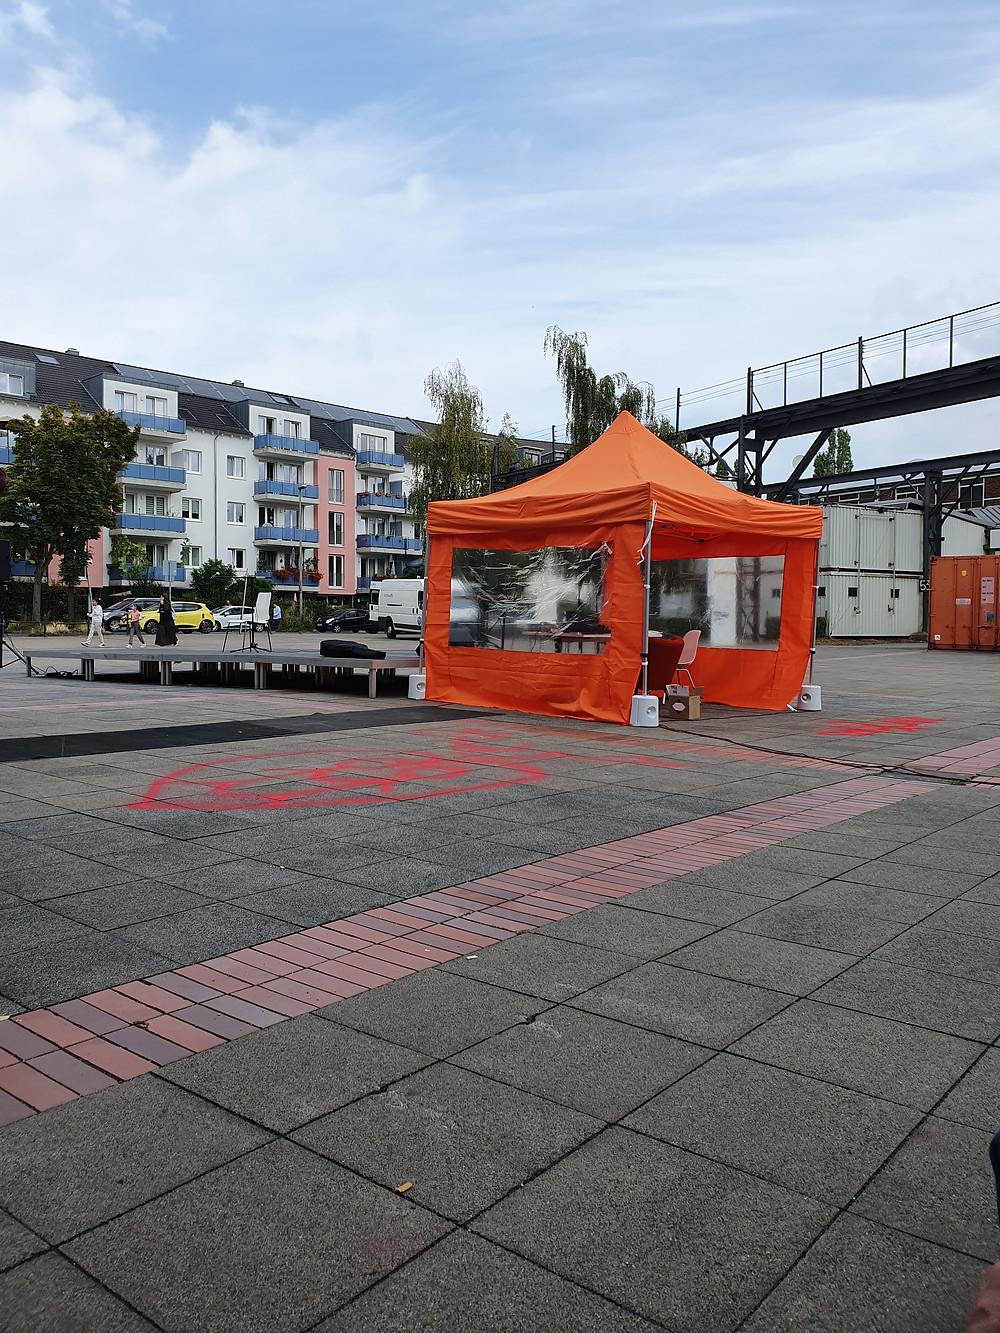 Links ist eine Bühne, rechts ein orangener Pavillon für den DJ, Häuser im Hintergrund